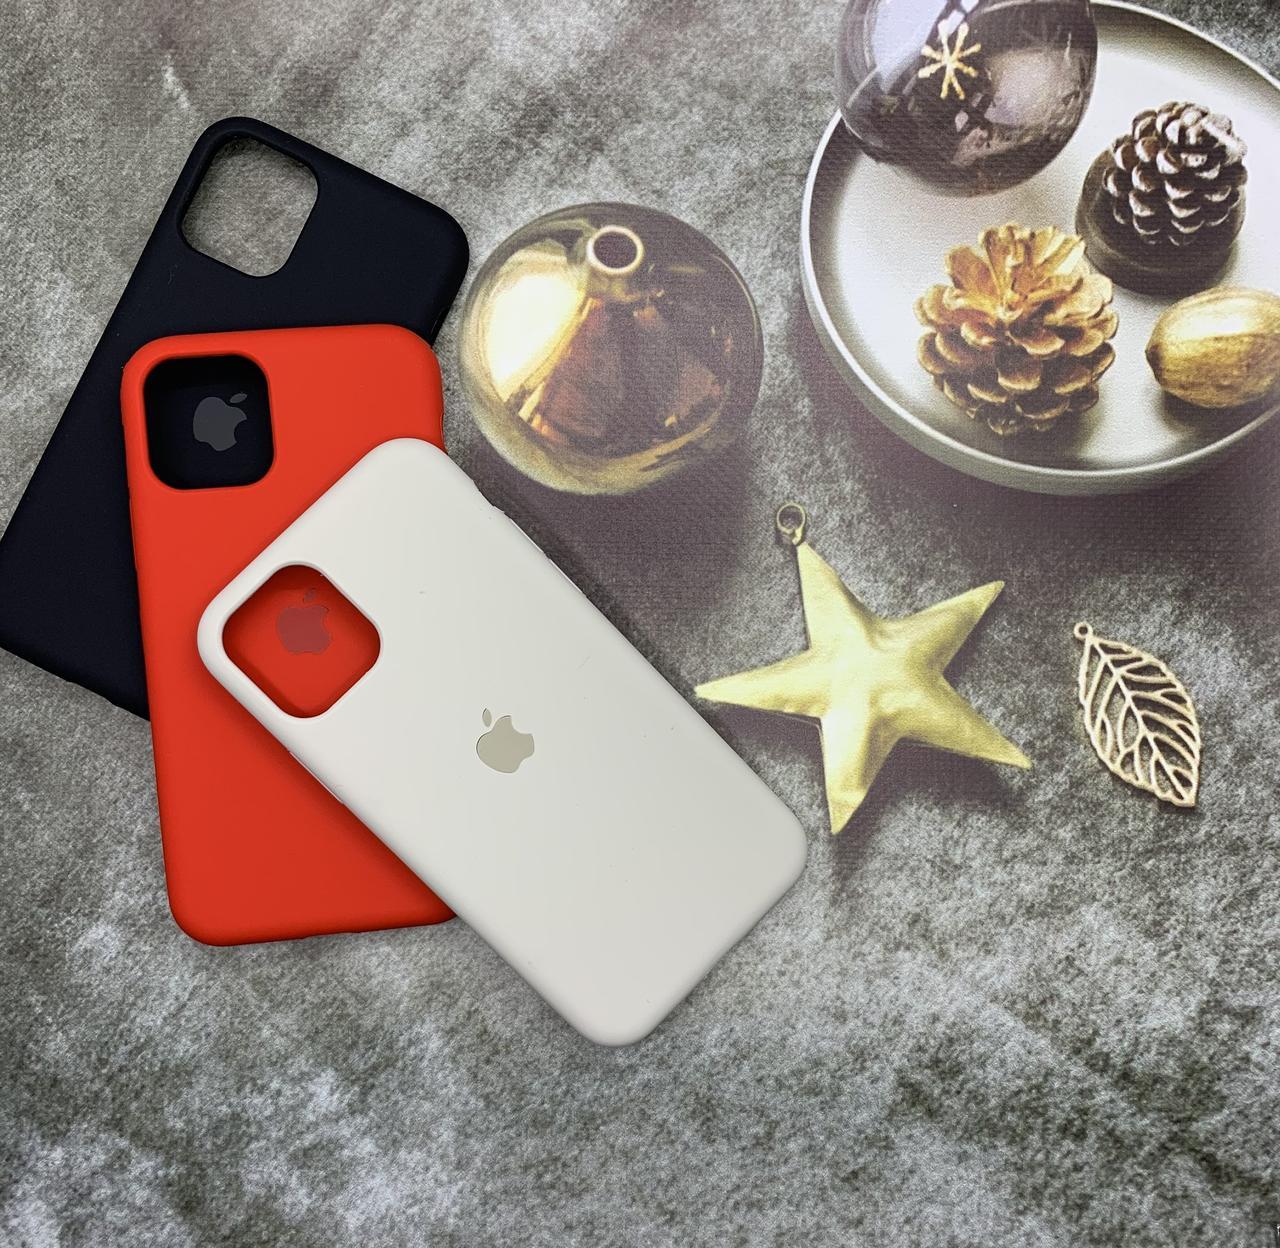 Чехол на iPhone 11 Pro силиконовый Silicone Case оригинальный цветной противоударный